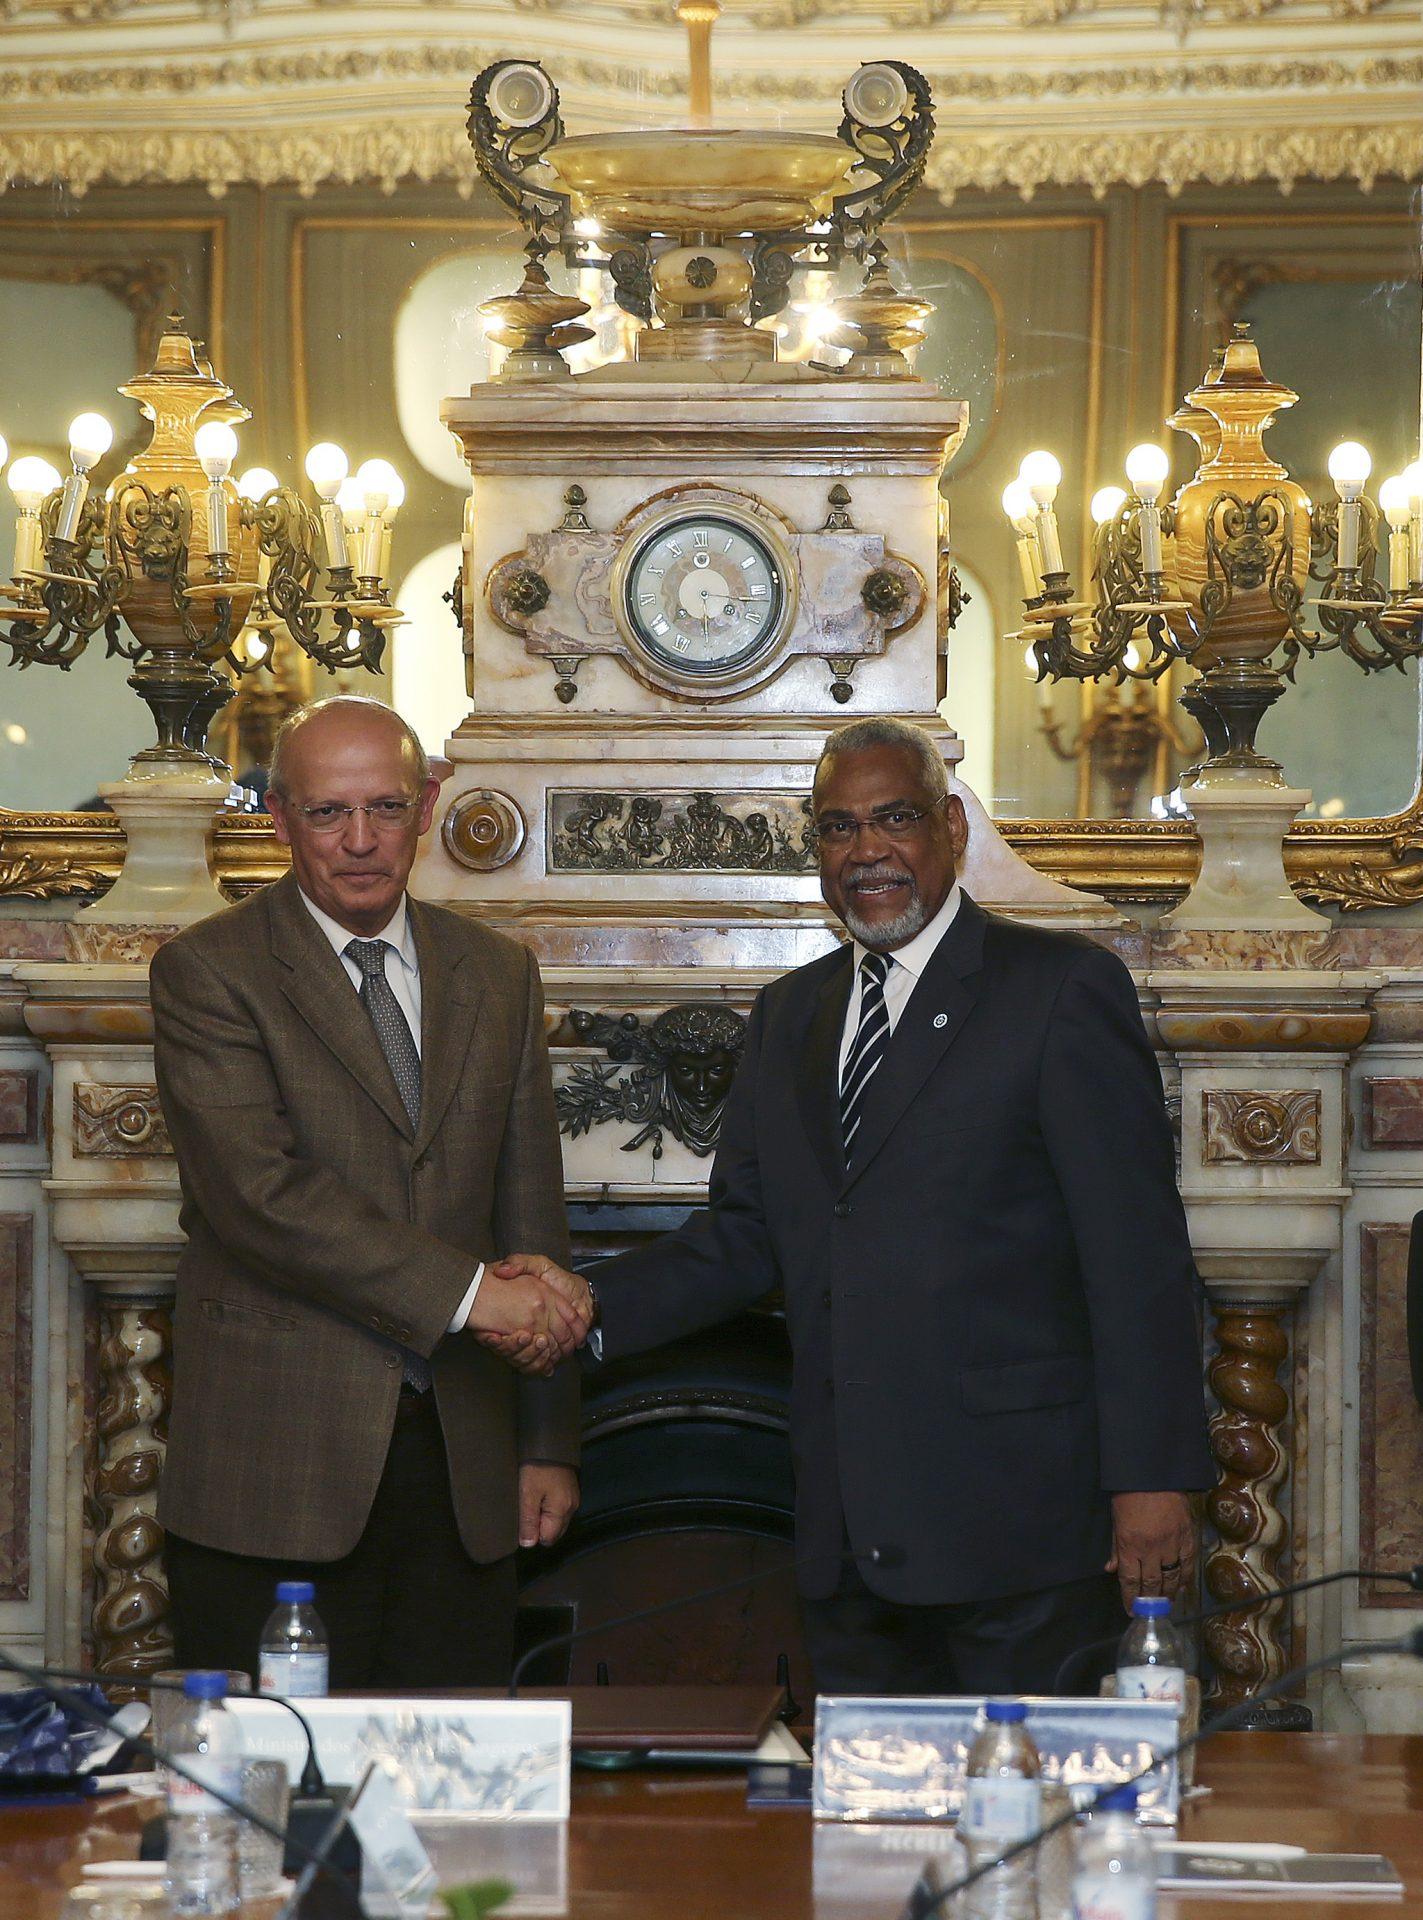 O ministro dos Negócios Estrangeiros de Portugal, Augusto Santos Silva, cumprimenta o secretário Executivo da CPLP, embaixador Murade Murargy (D) durante uma visita à sede da CPLP, 07 de dezembro de 2015, em Lisboa. INÁCIO ROSA/LUSA